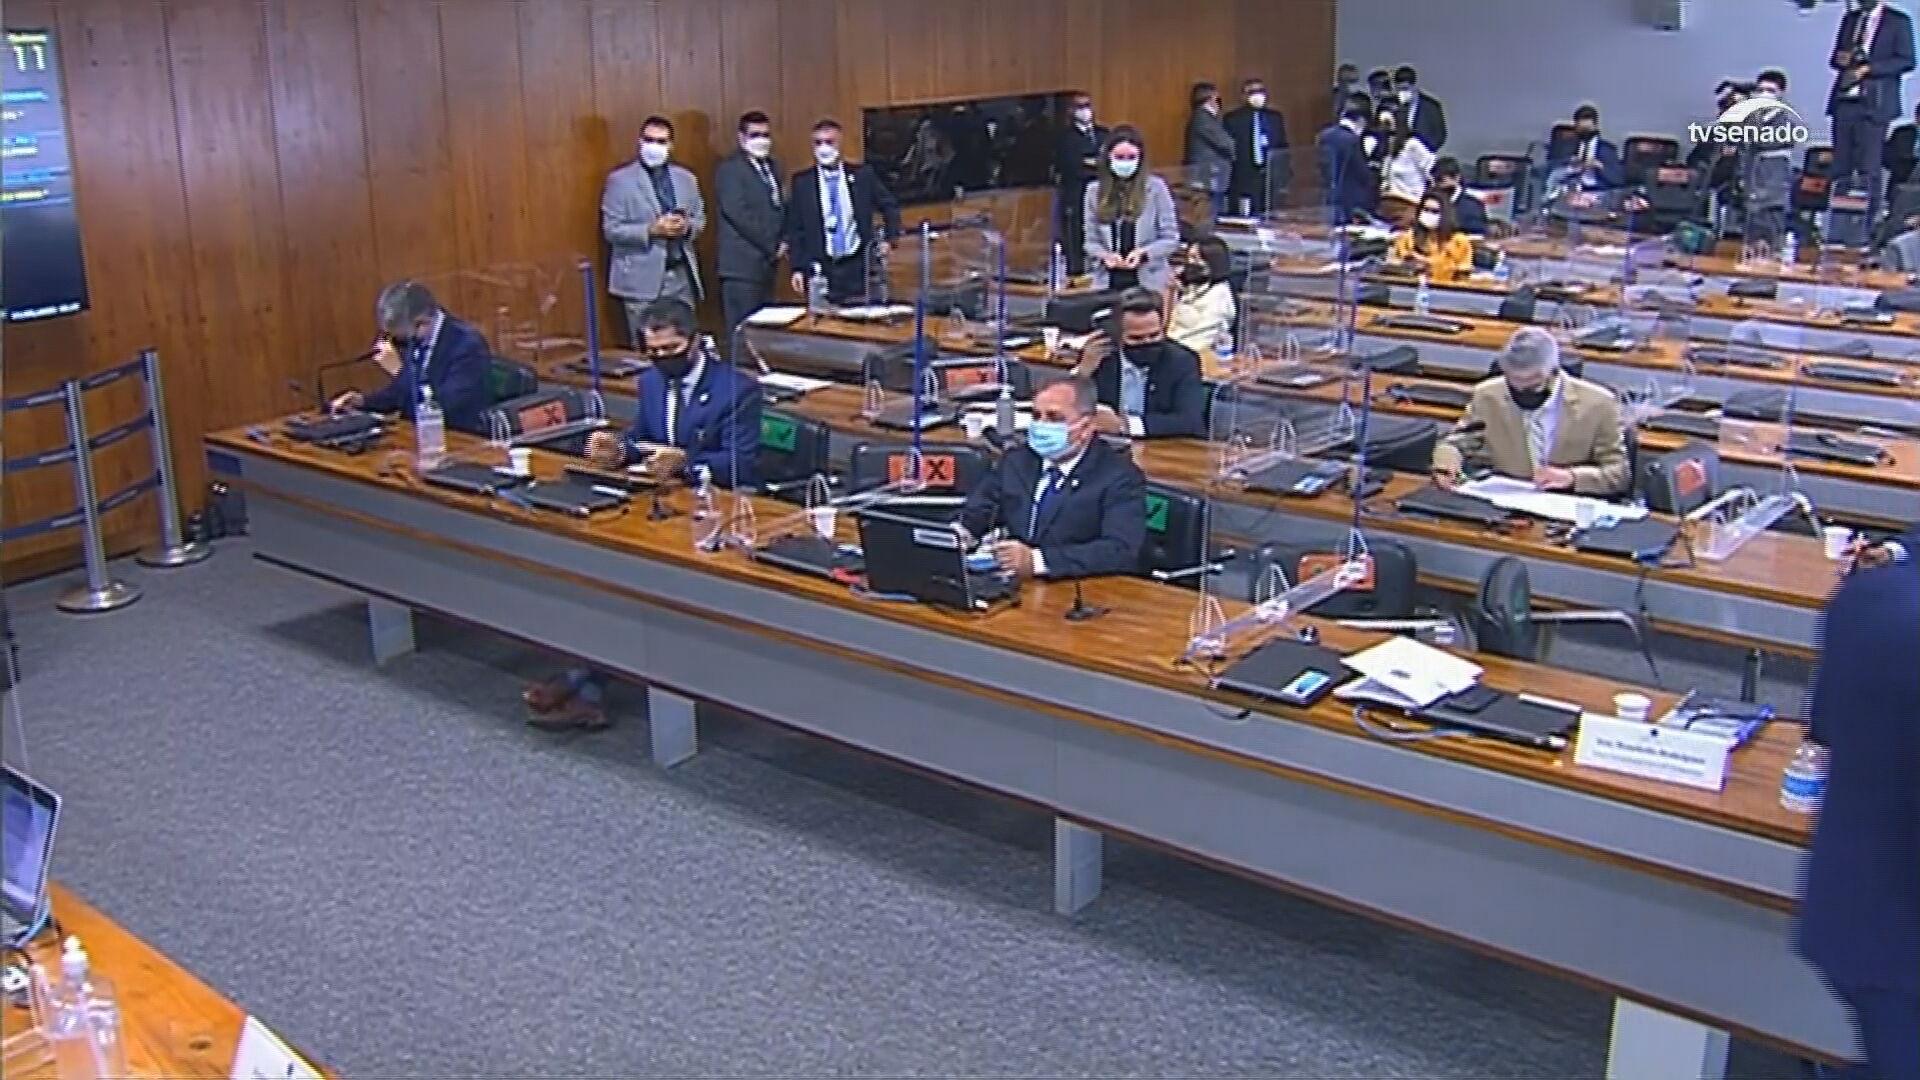 Senadores durante sessão da CPI da Pandemia nesta terça-feira (11)